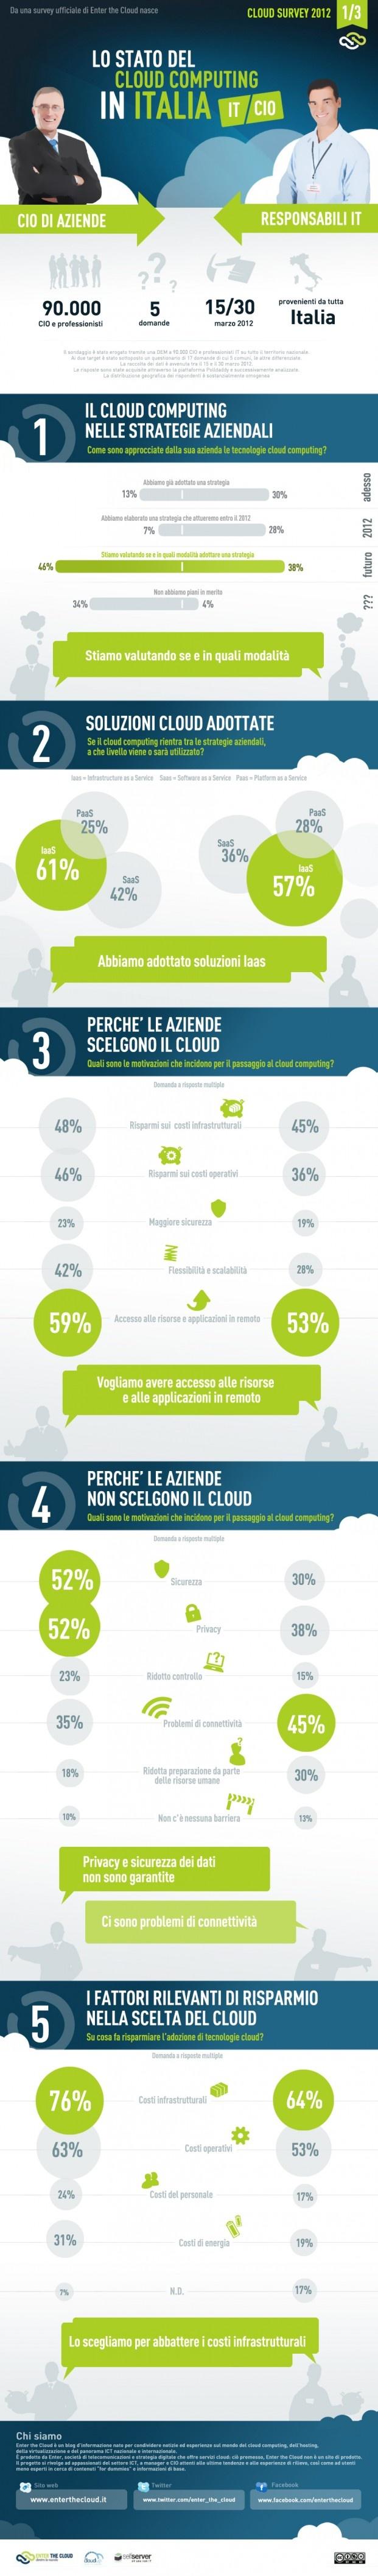 Cloud survey 2012   Enter the Cloud: la visione di CIO e IT professional a confronto